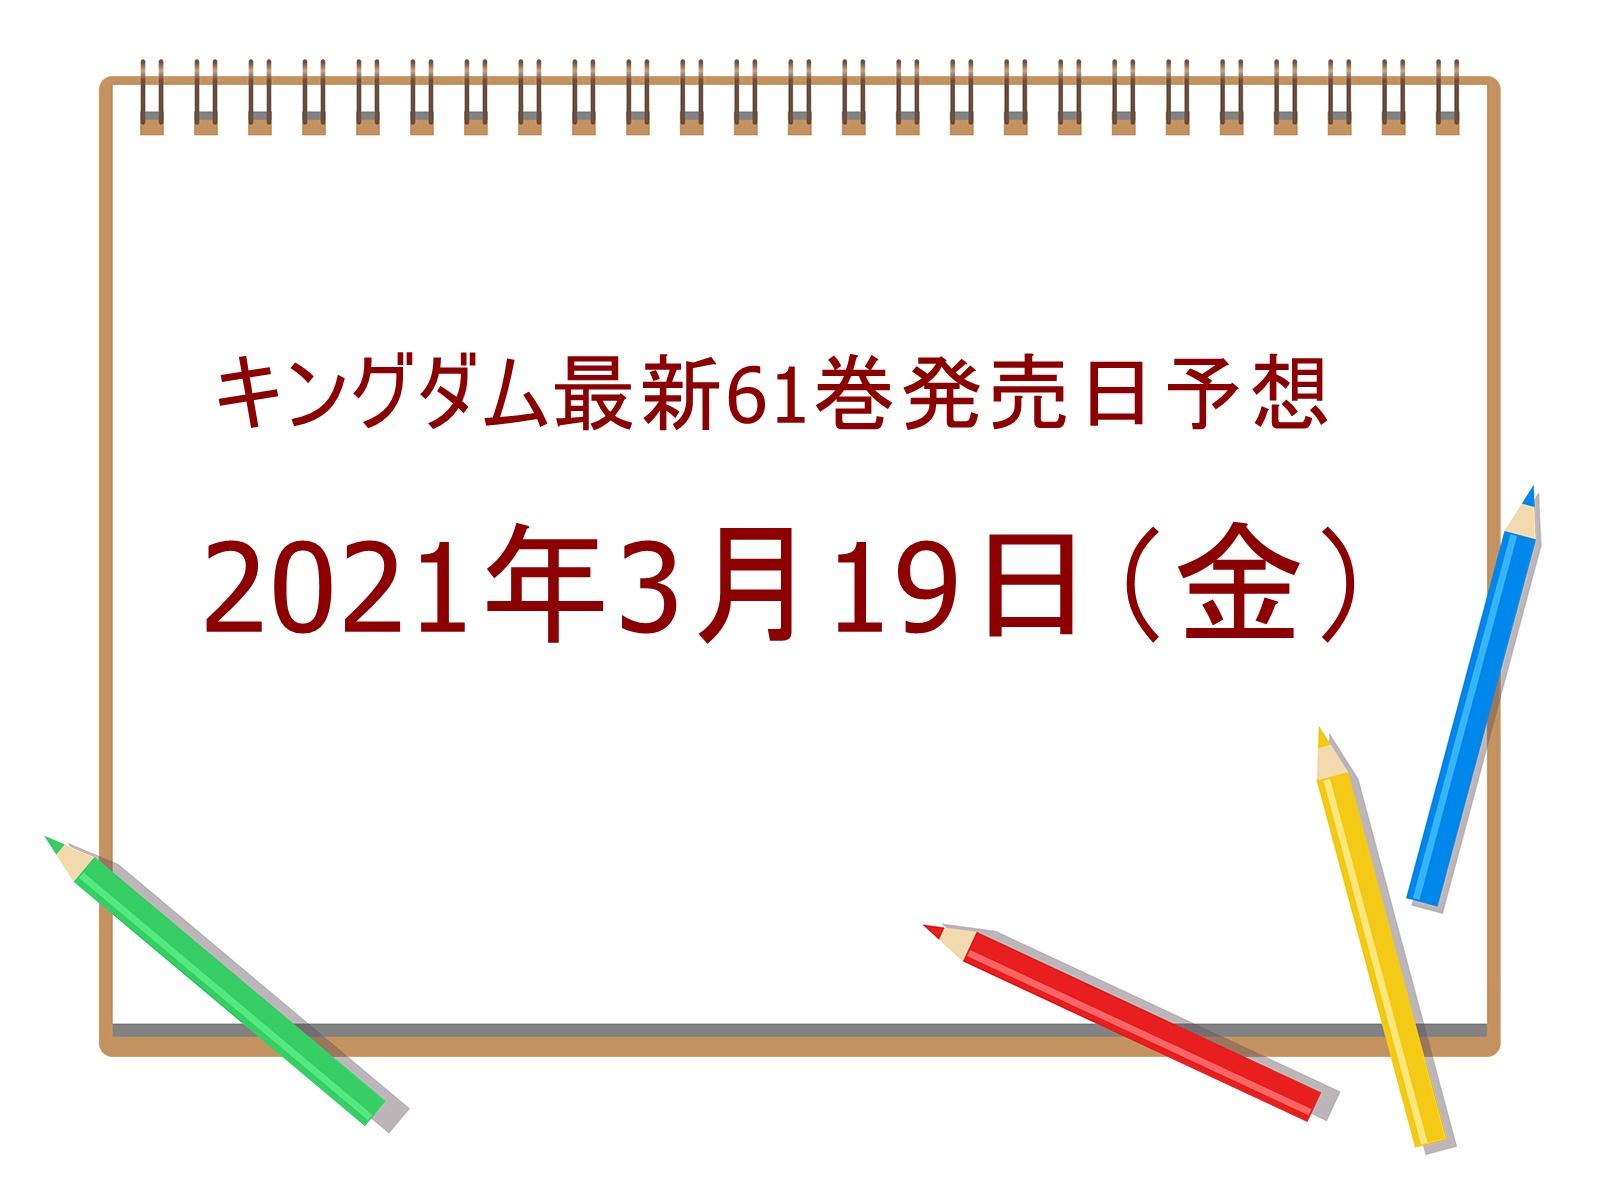 キングダム-最新刊-発売日-ネタバレ